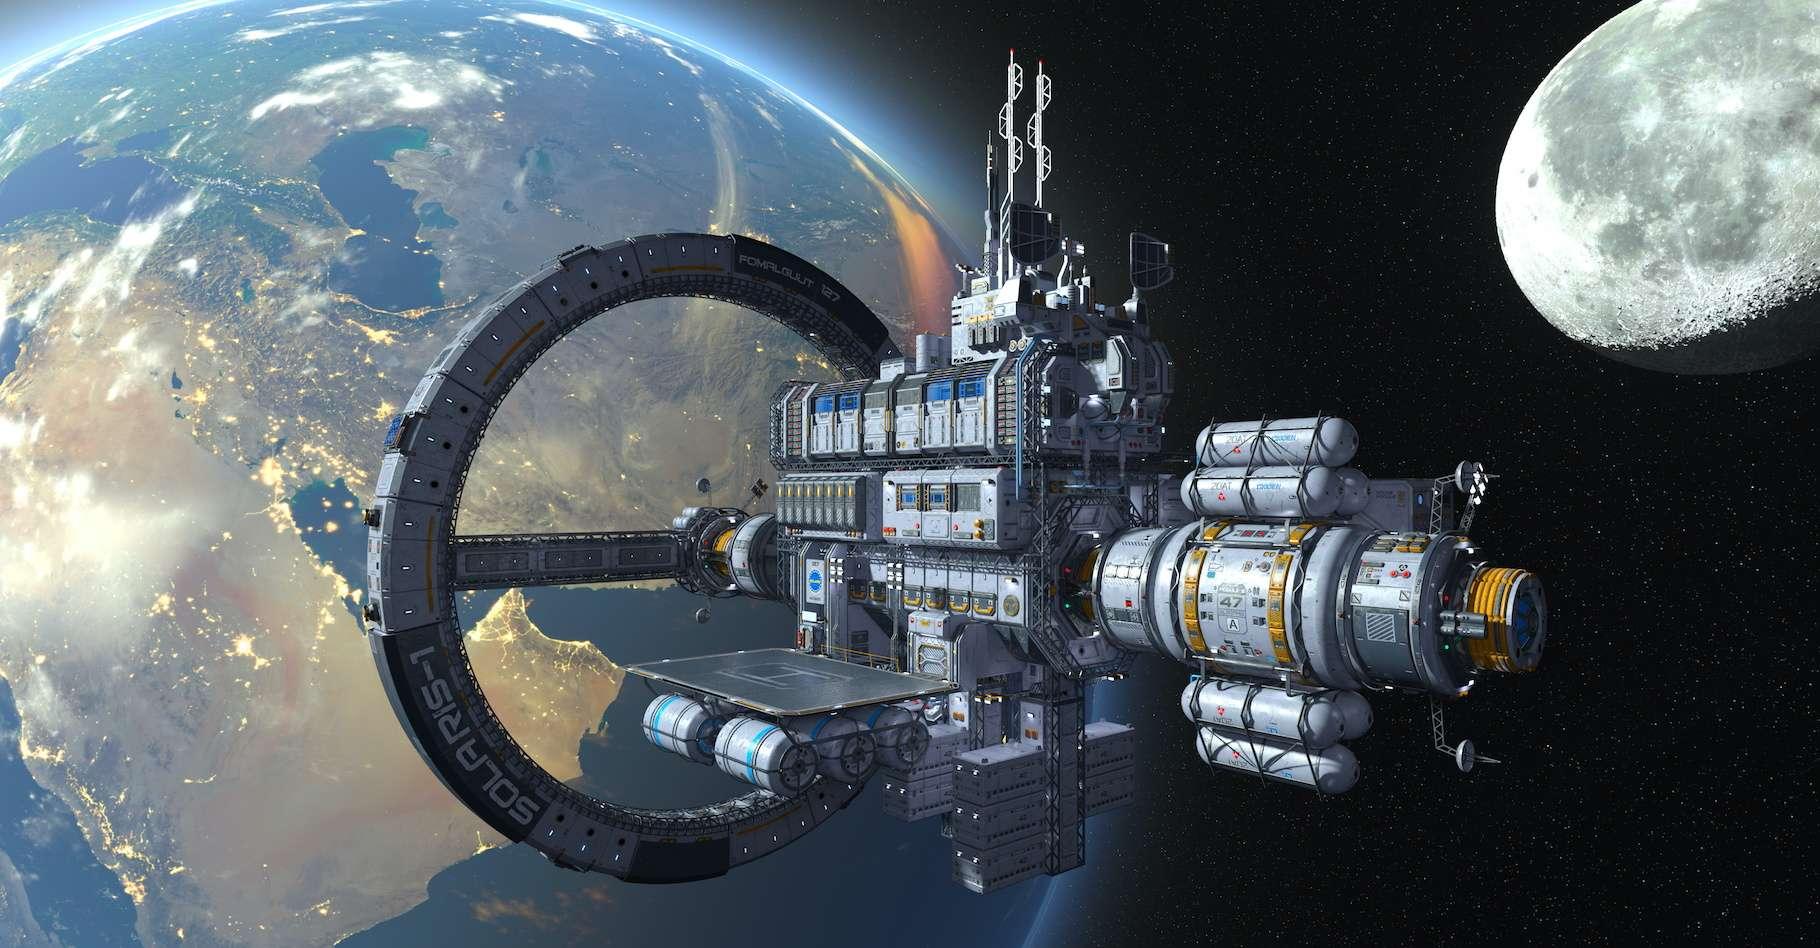 La US Space Force est destinée à conduire des opérations militaires dans l'espace. Cette nouvelle branche des forces armées américaines a désormais un logo… qui ressemble étrangement à celui de Starfleet, dans Star Trek. © tsuneomp, Adobe Stock